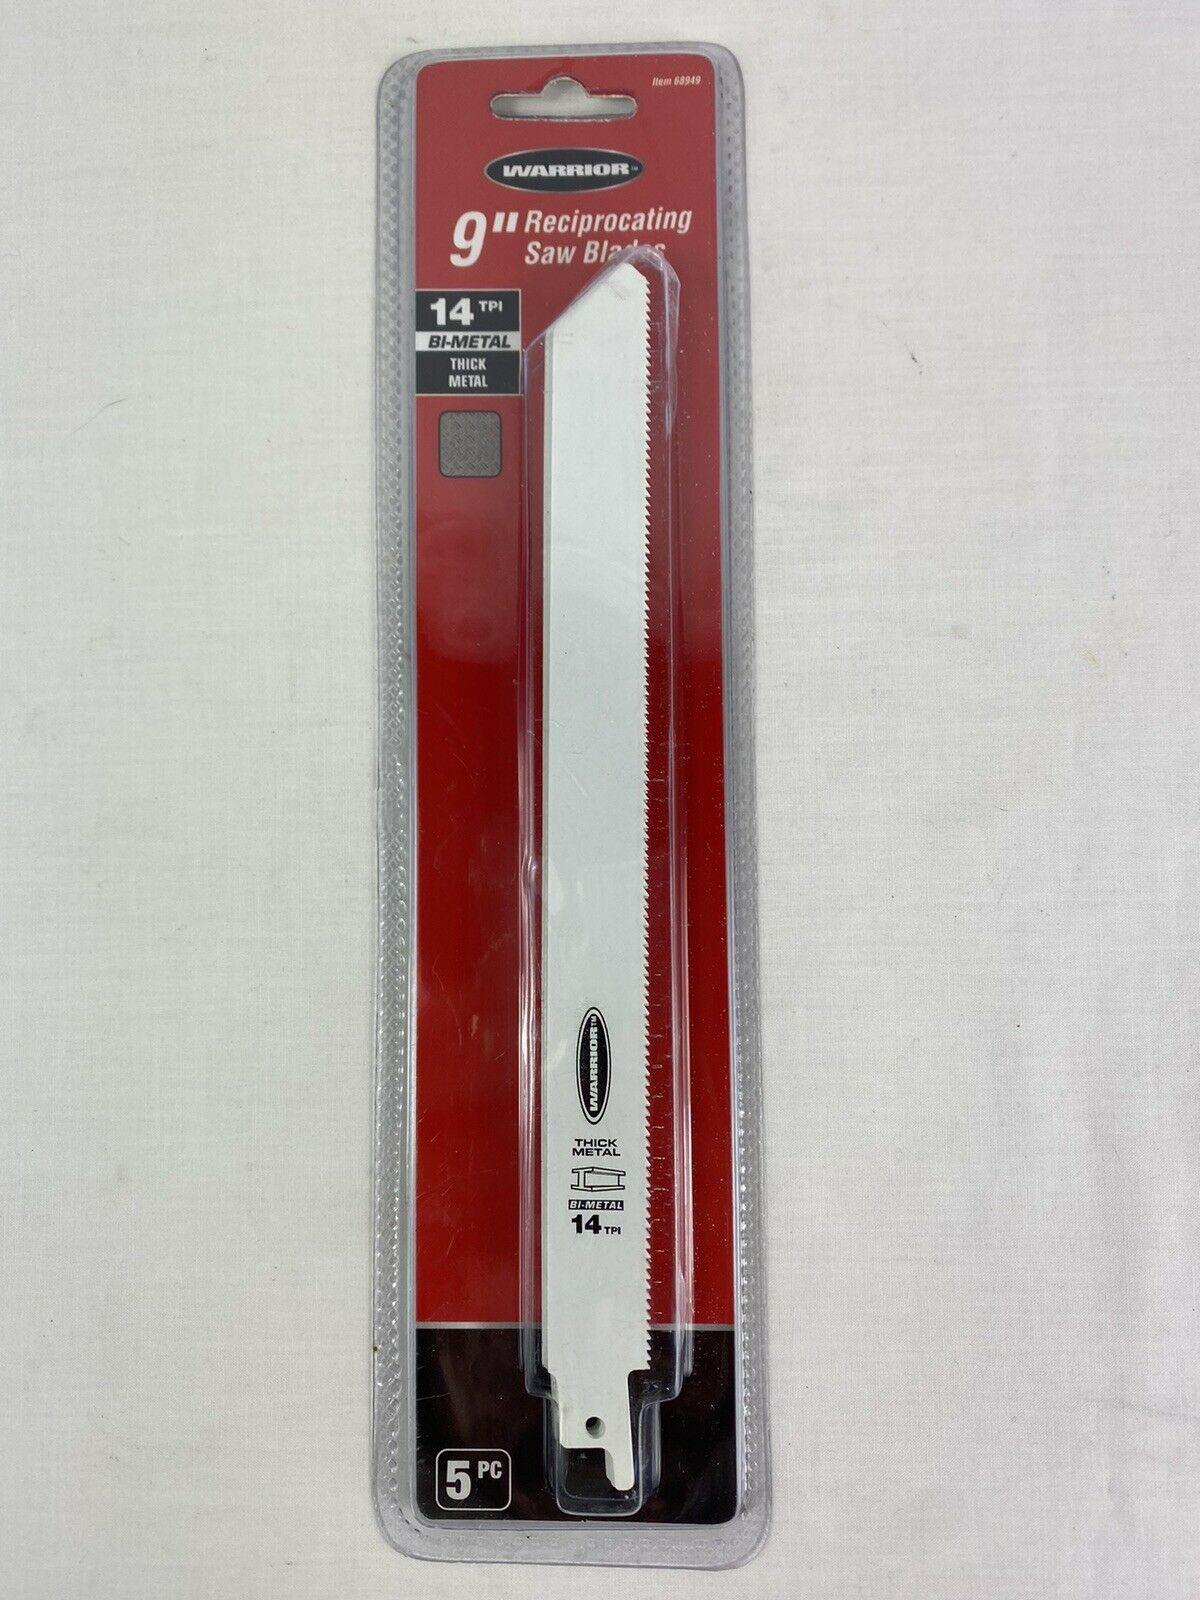 """WARRIOR Reciprocating Saw Blades 9"""" 14 TPI Metal Cutting Bi-Metal 5 Pk UNOPENED - $9.89"""